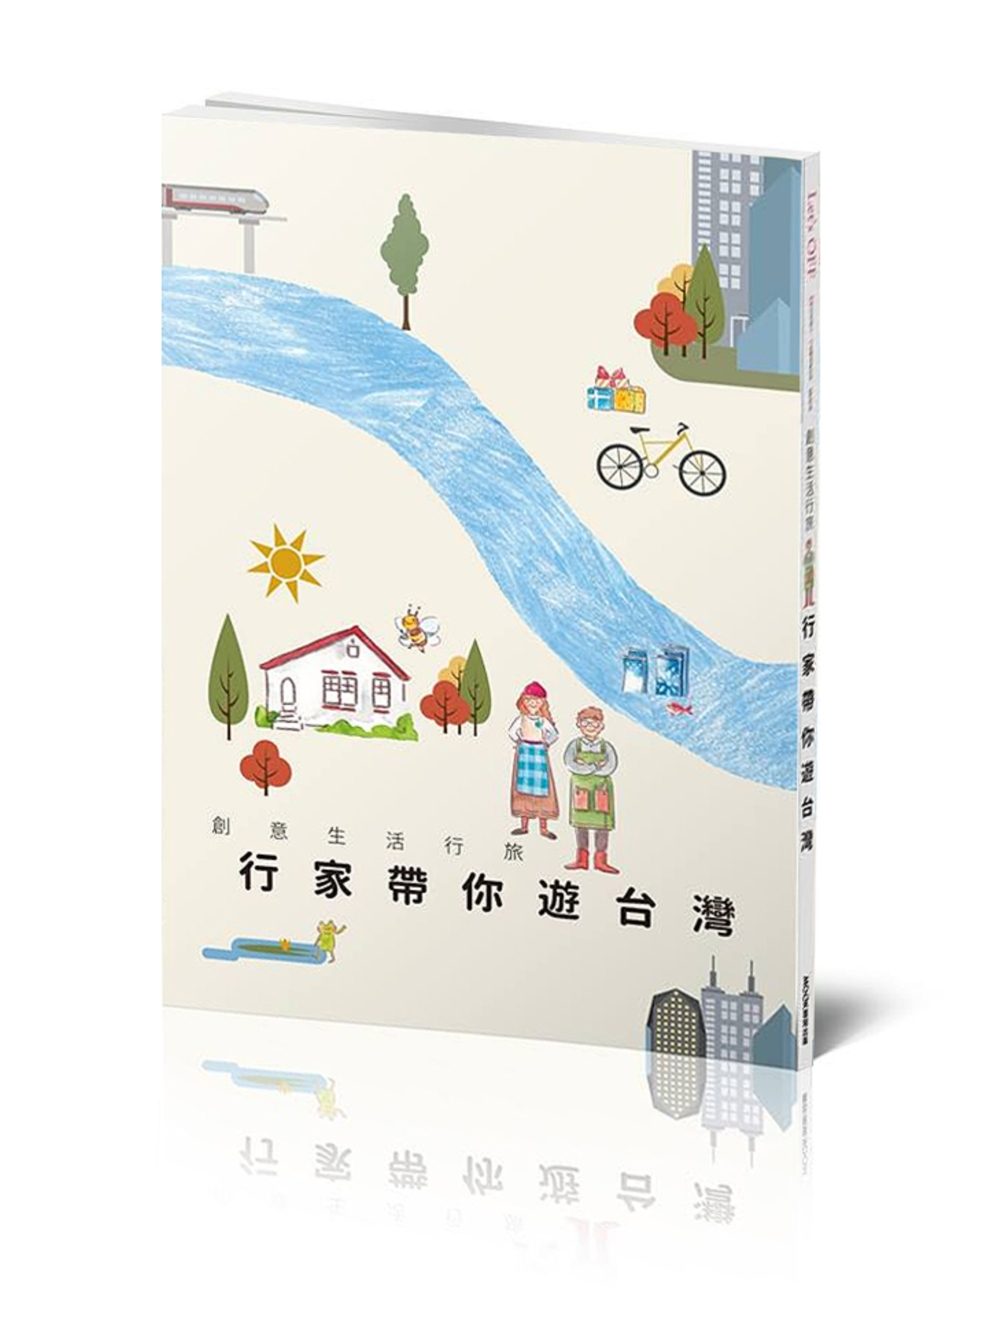 創意生活行旅:行家帶你遊台灣